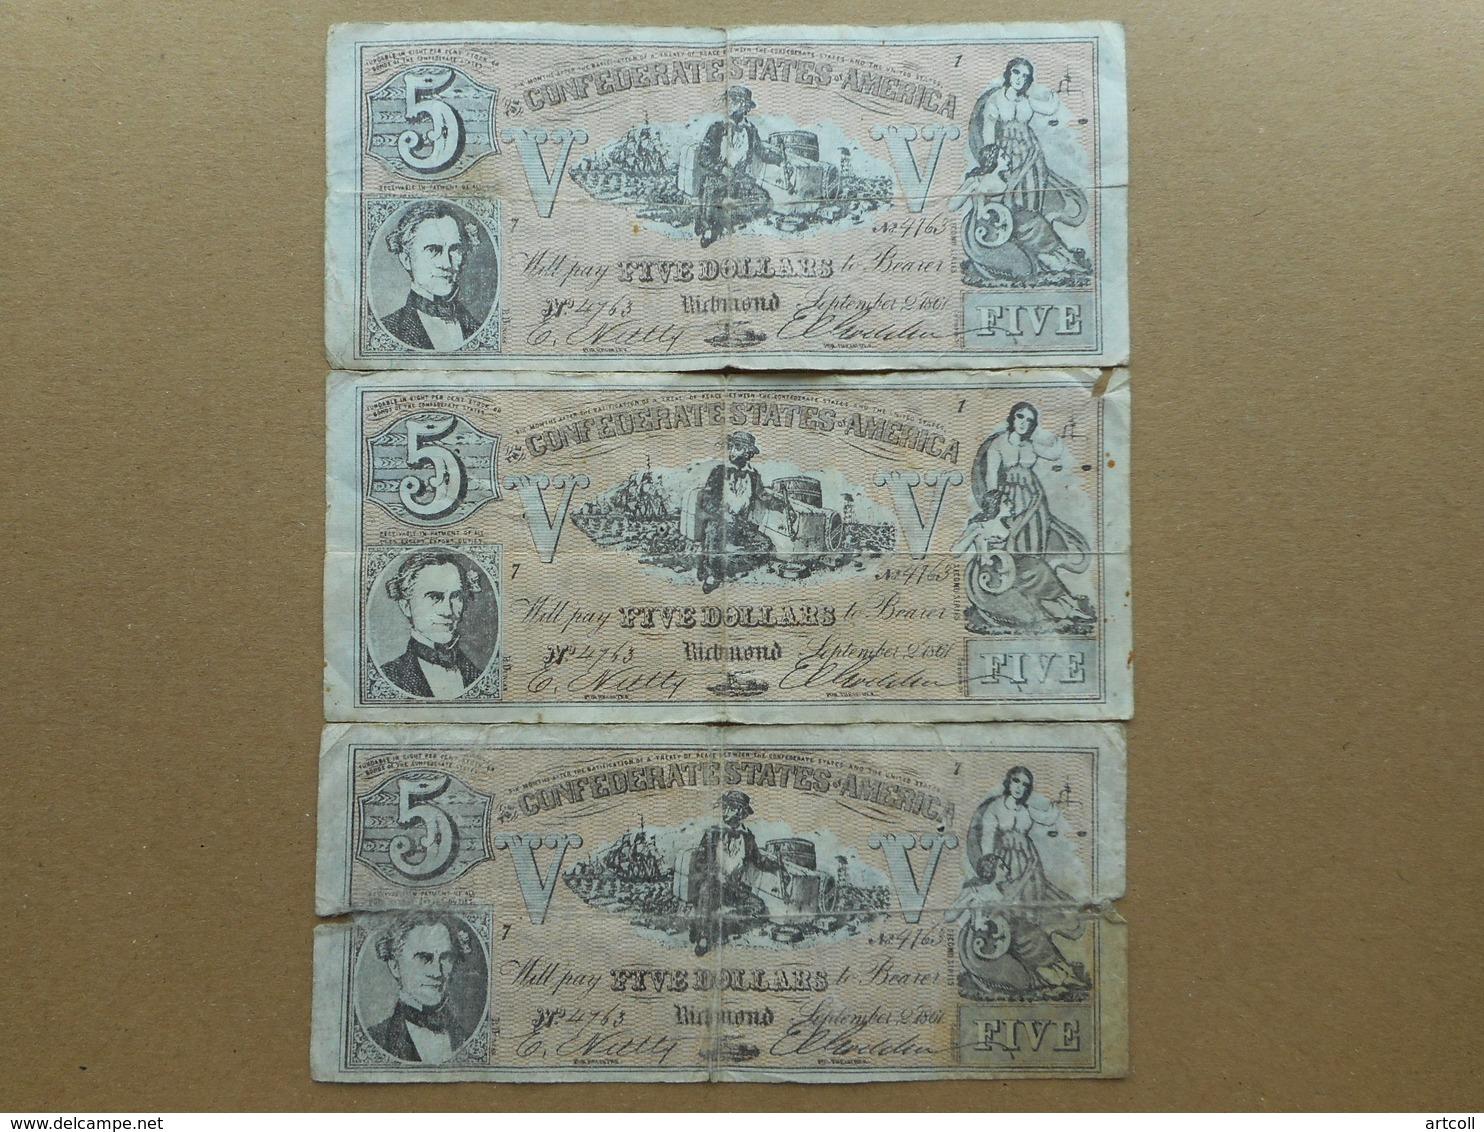 United States 5 Dollars 1861 (Lot Of 3 Banknotes) (FAKE) - Valuta Della Confederazione (1861-1864)